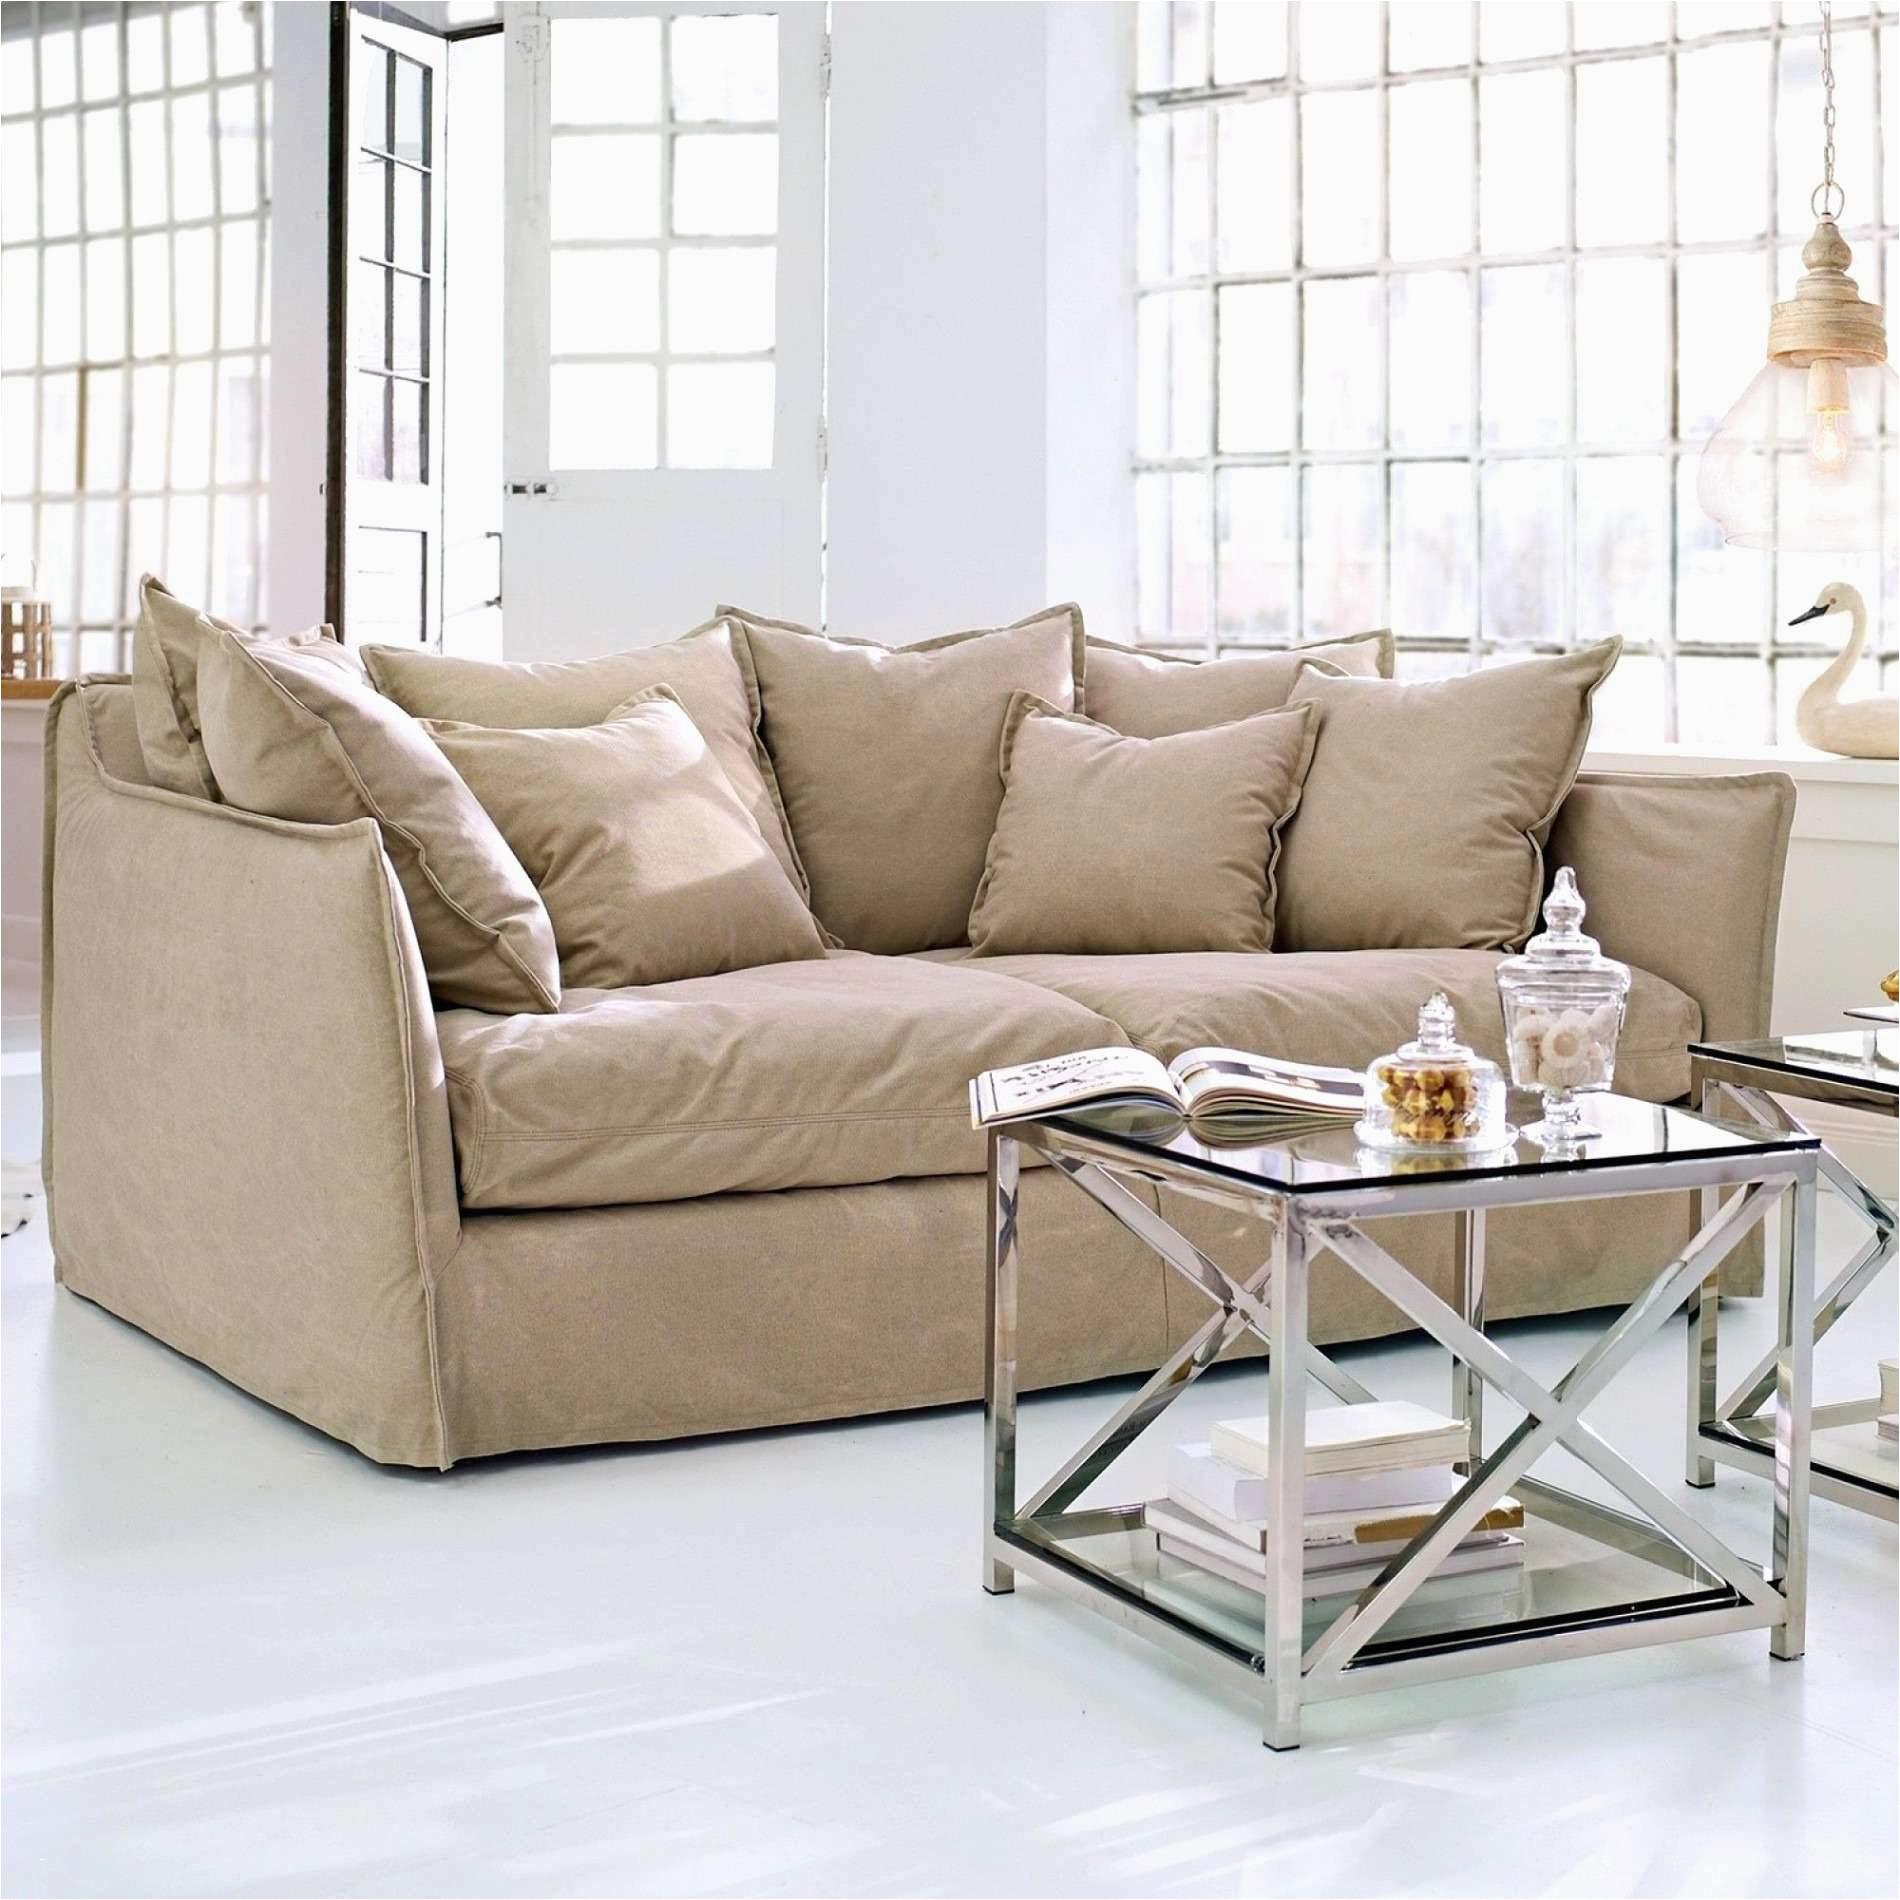 wohnzimmer sofa schon lounge sofa wohnzimmer reizend 44 schon lounge sofa leder of wohnzimmer sofa